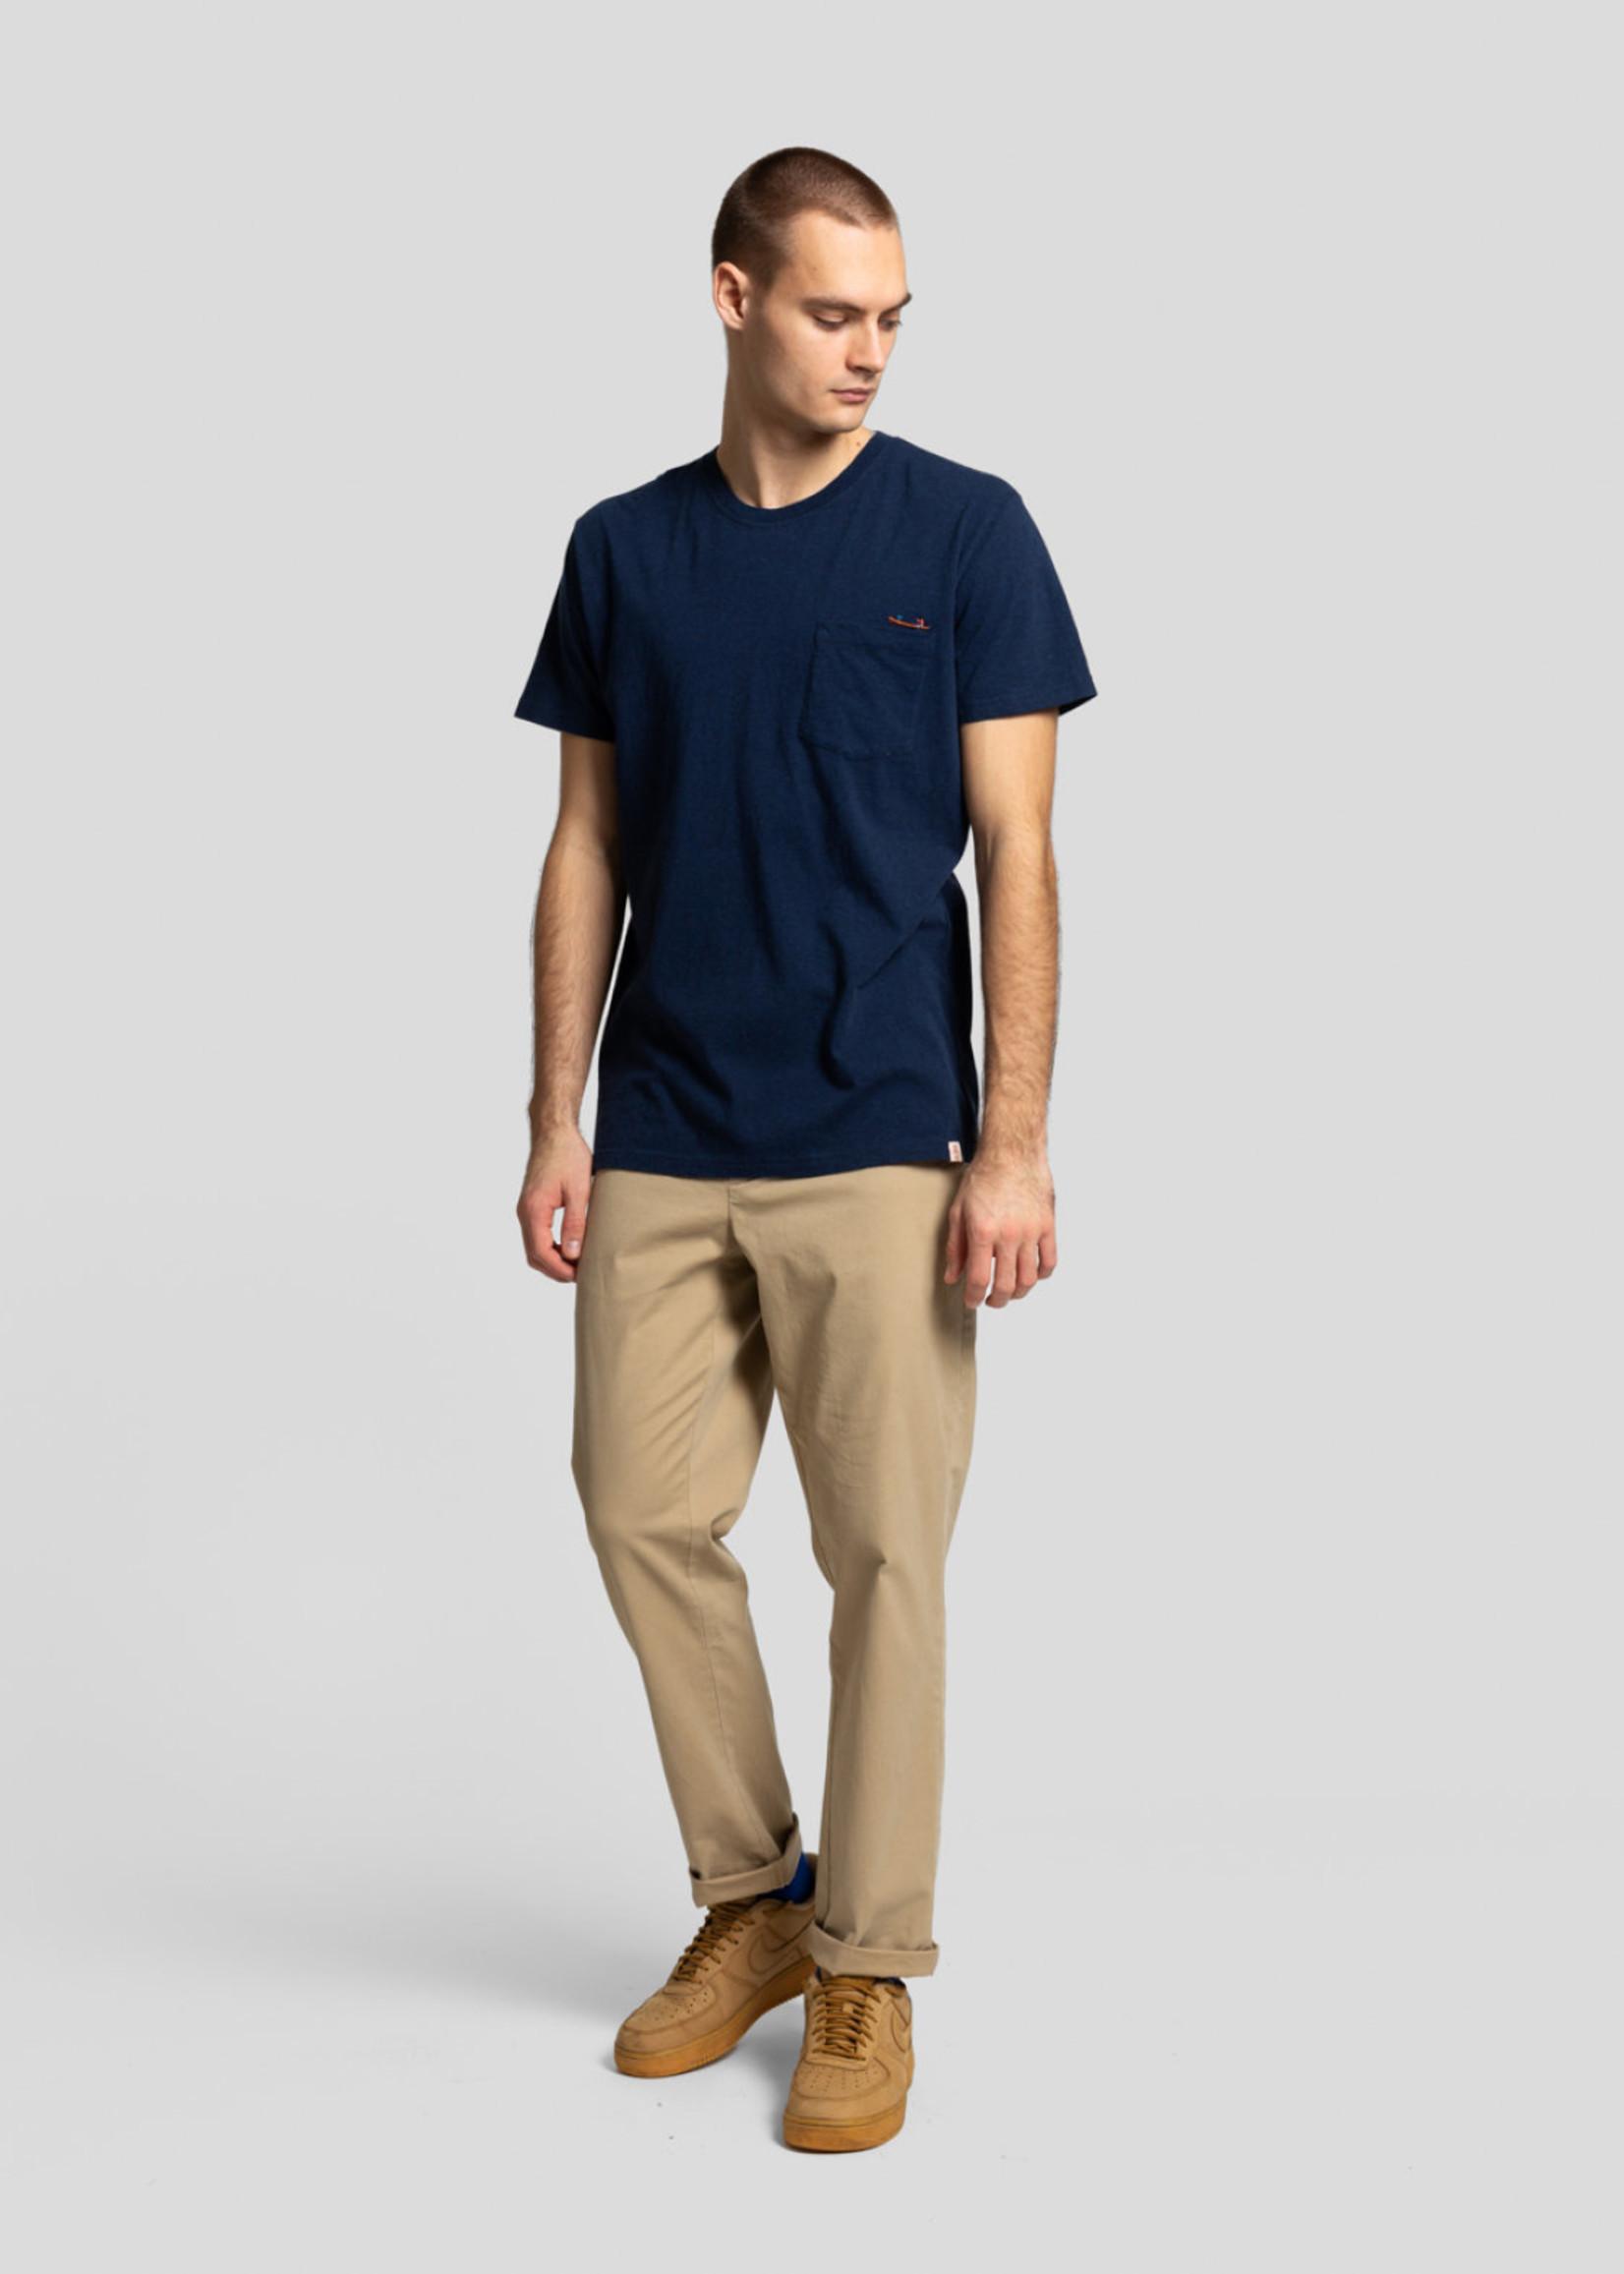 Revolution 1233 CAN Regular T-Shirt